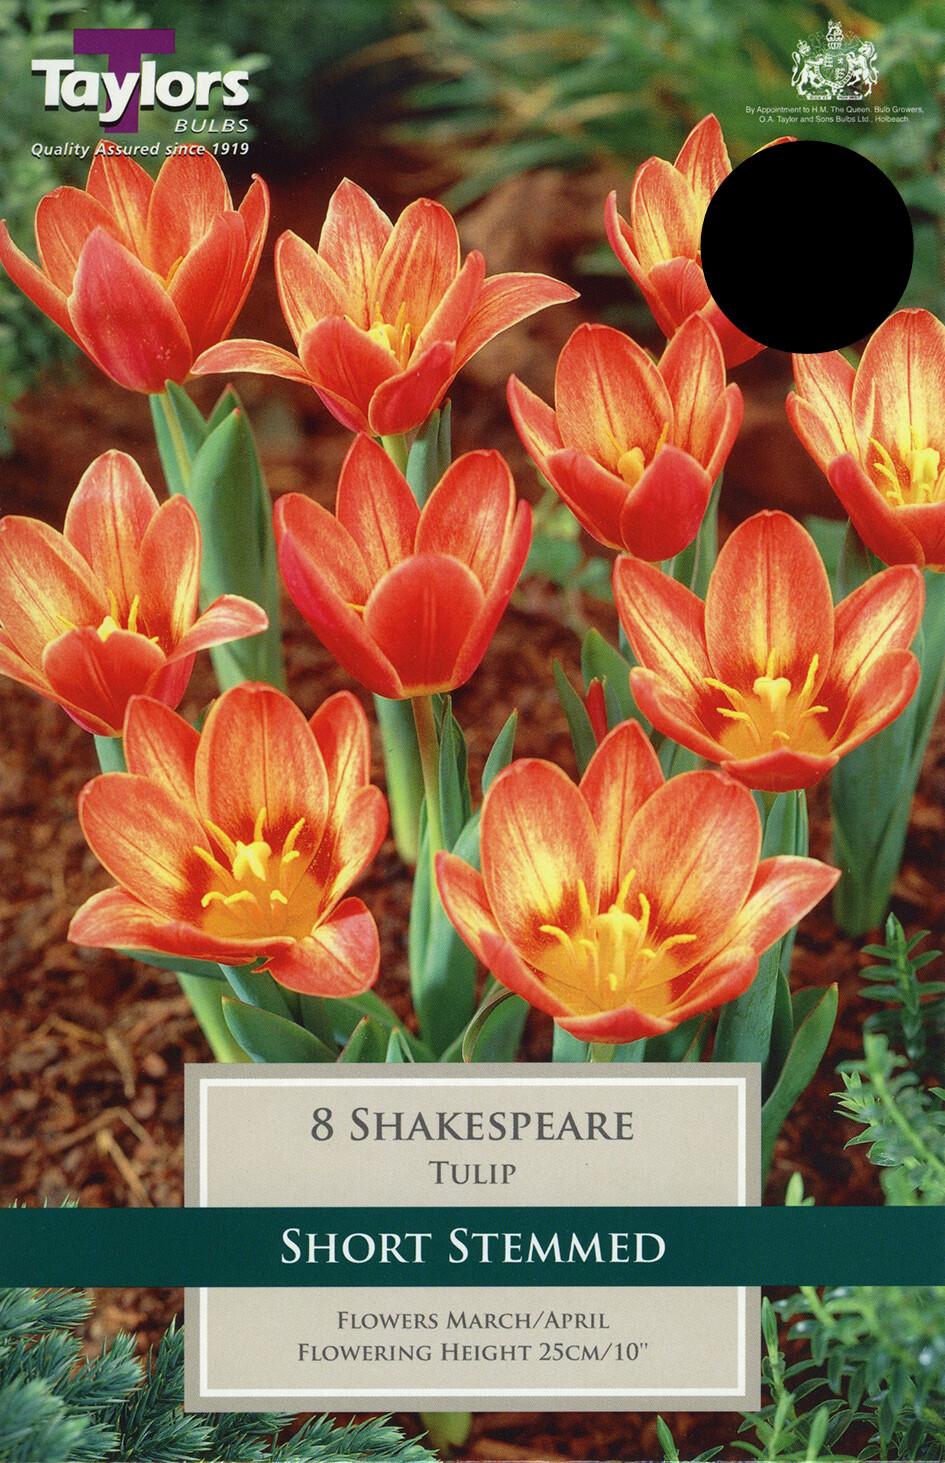 Tulip Shakespeare x8